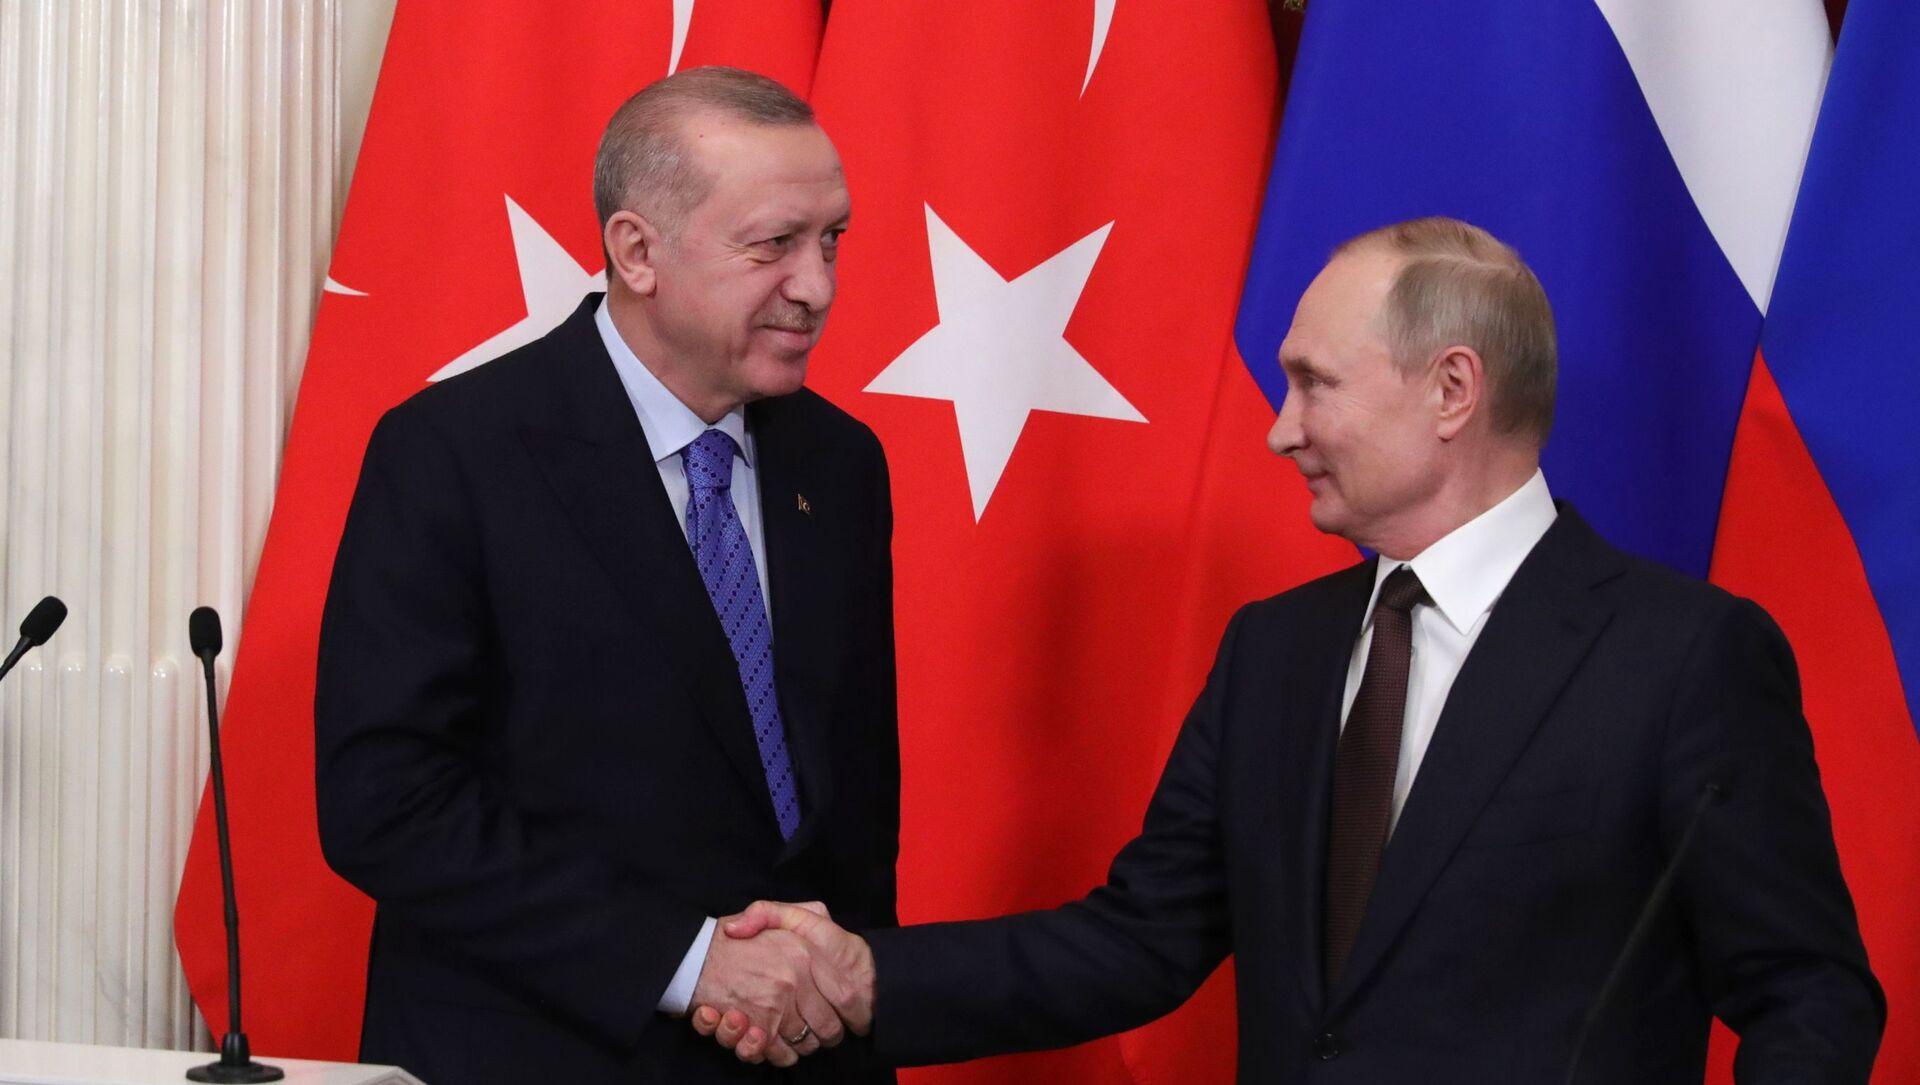 Cuộc gặp giữa Tổng thống Nga Vladimir Putin và Tổng thống Thổ Nhĩ Kỳ Recep Tayyip Erdogan tại Điện Kremlin, Matxcơva  - Sputnik Việt Nam, 1920, 28.09.2021